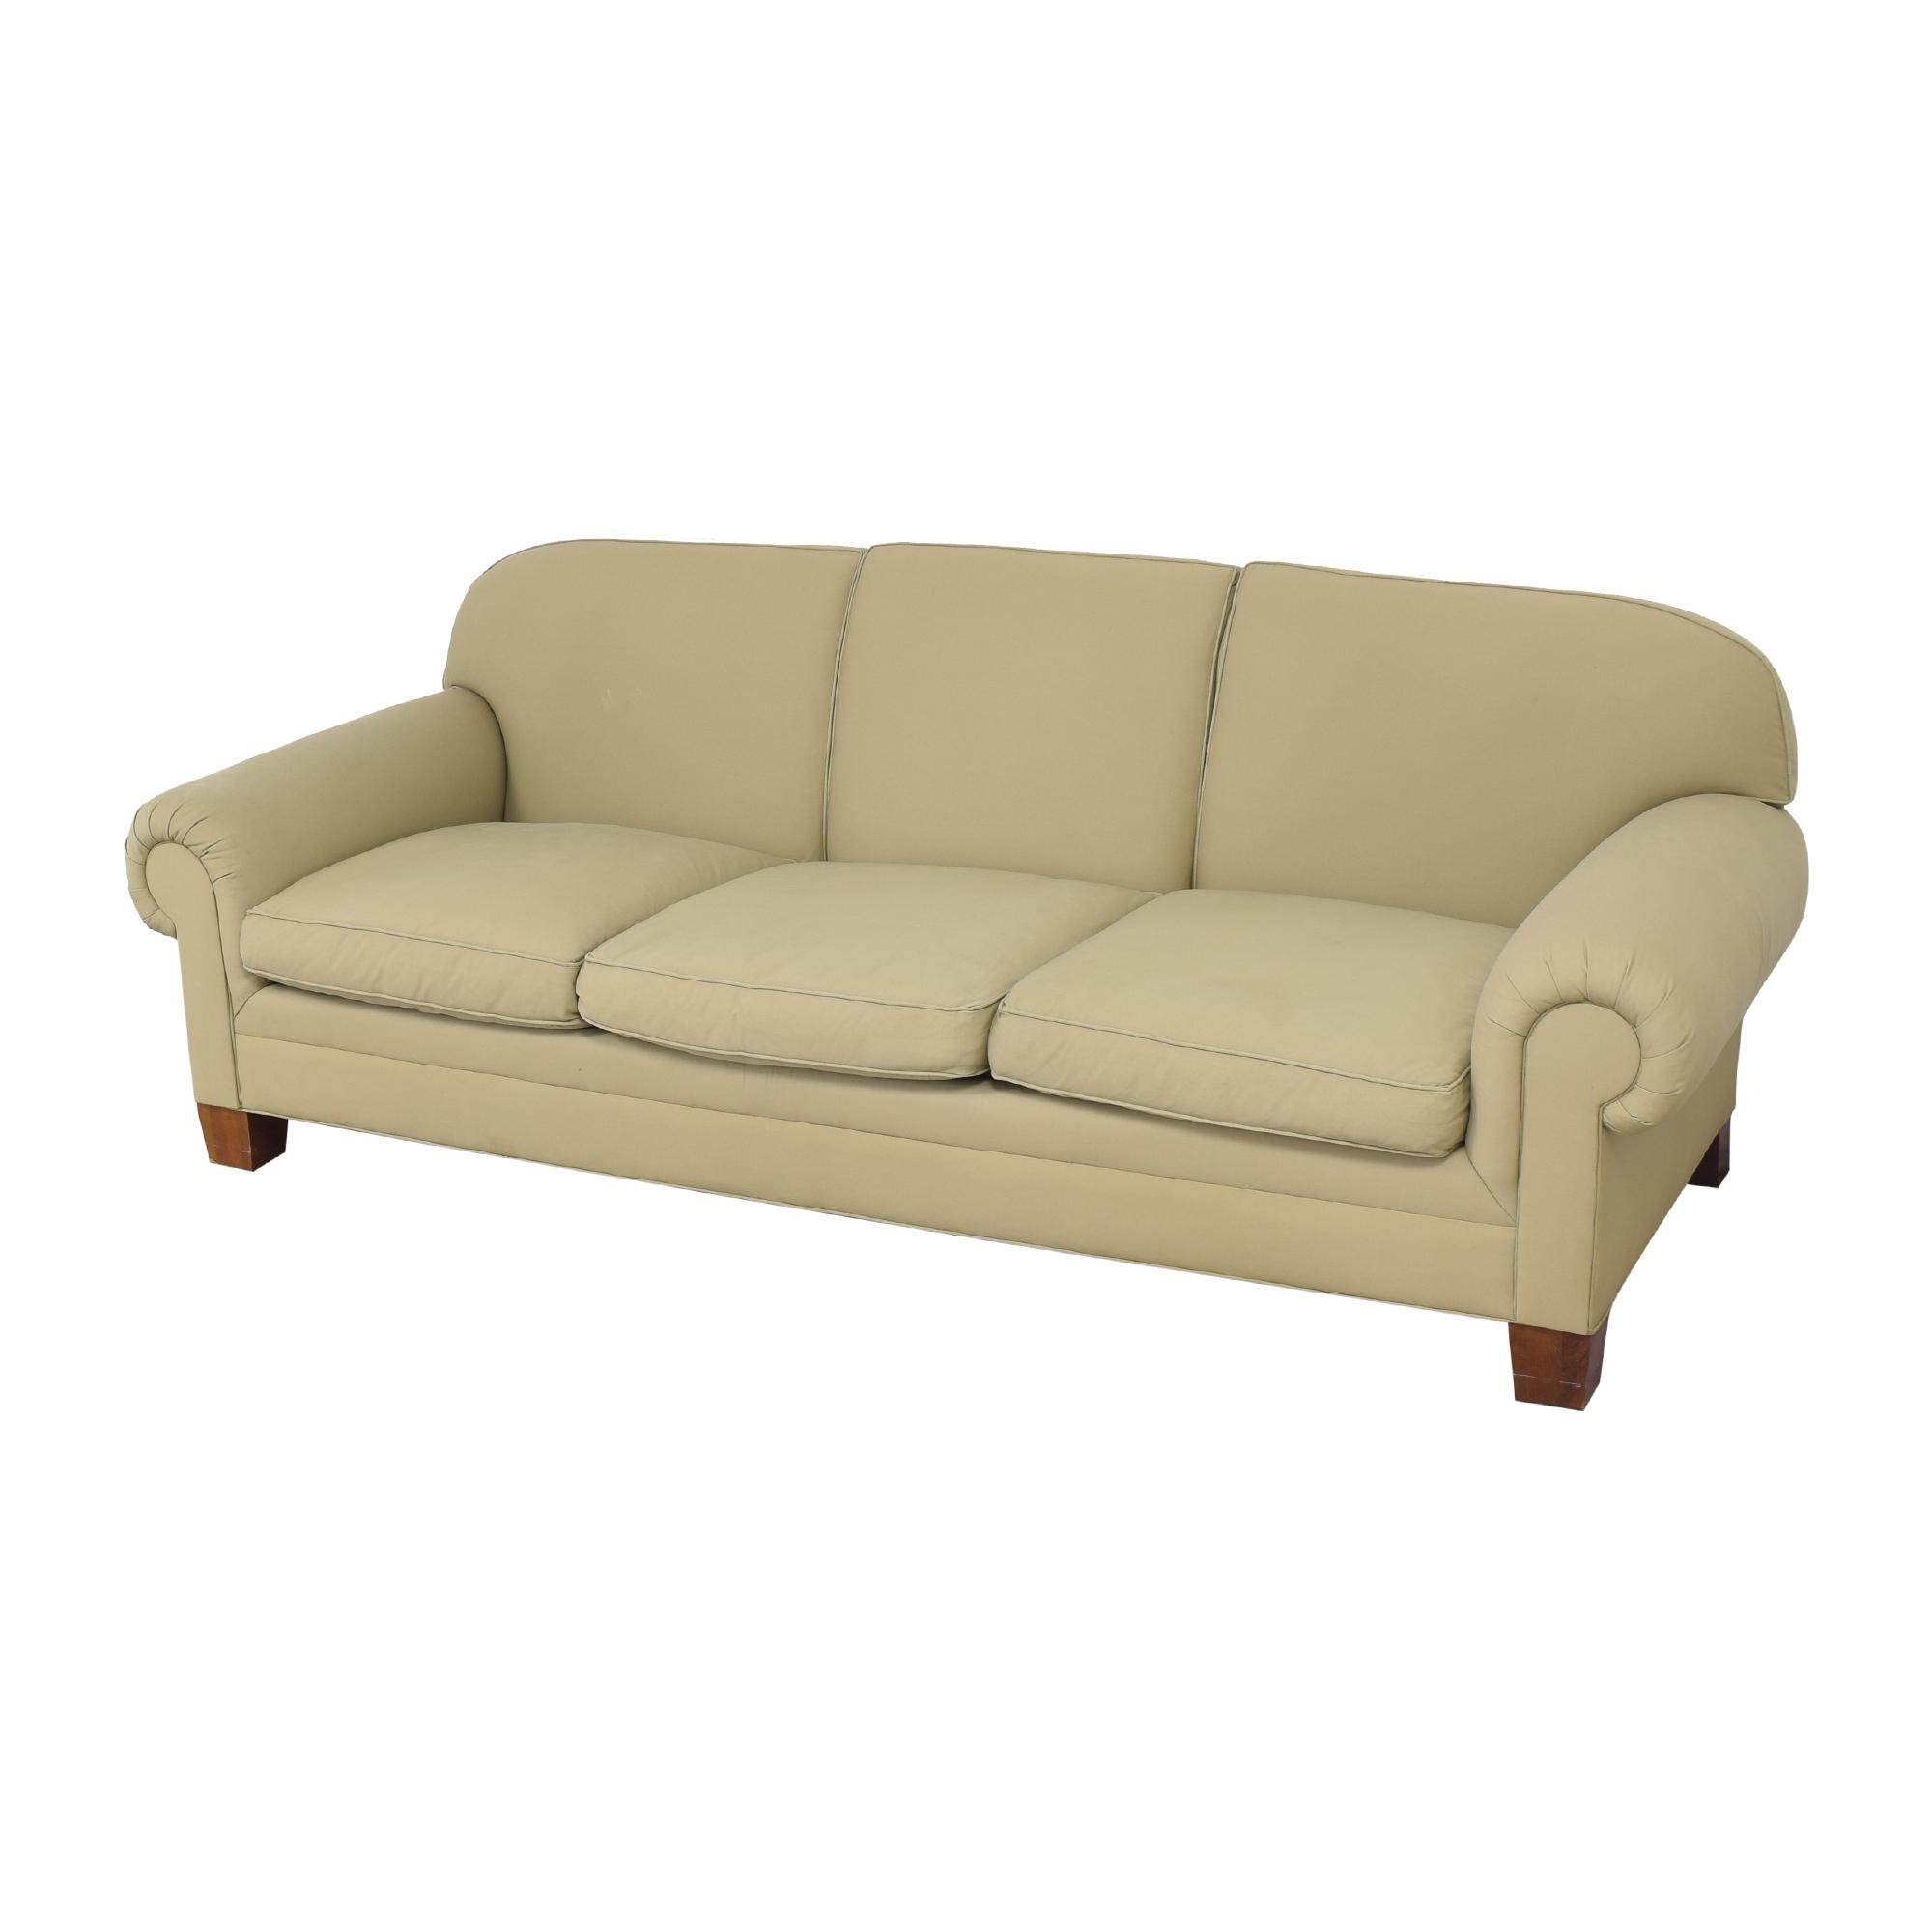 Ralph Lauren Home Ralph Lauren Roll Arm Sofa second hand